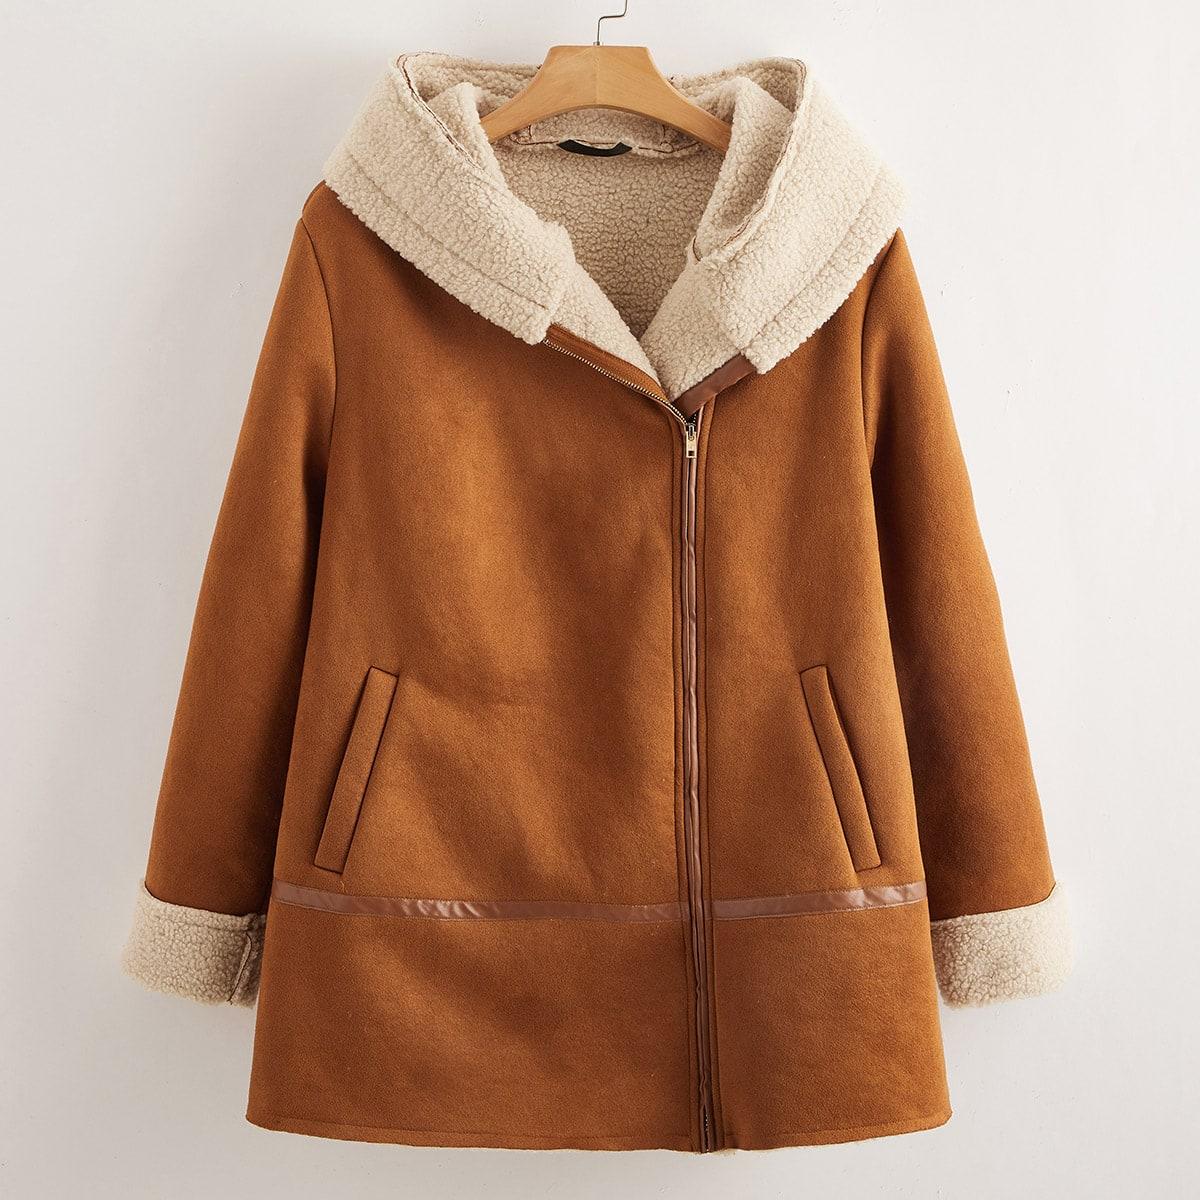 Замшевое пальто с капюшоном на молнии размера плюс